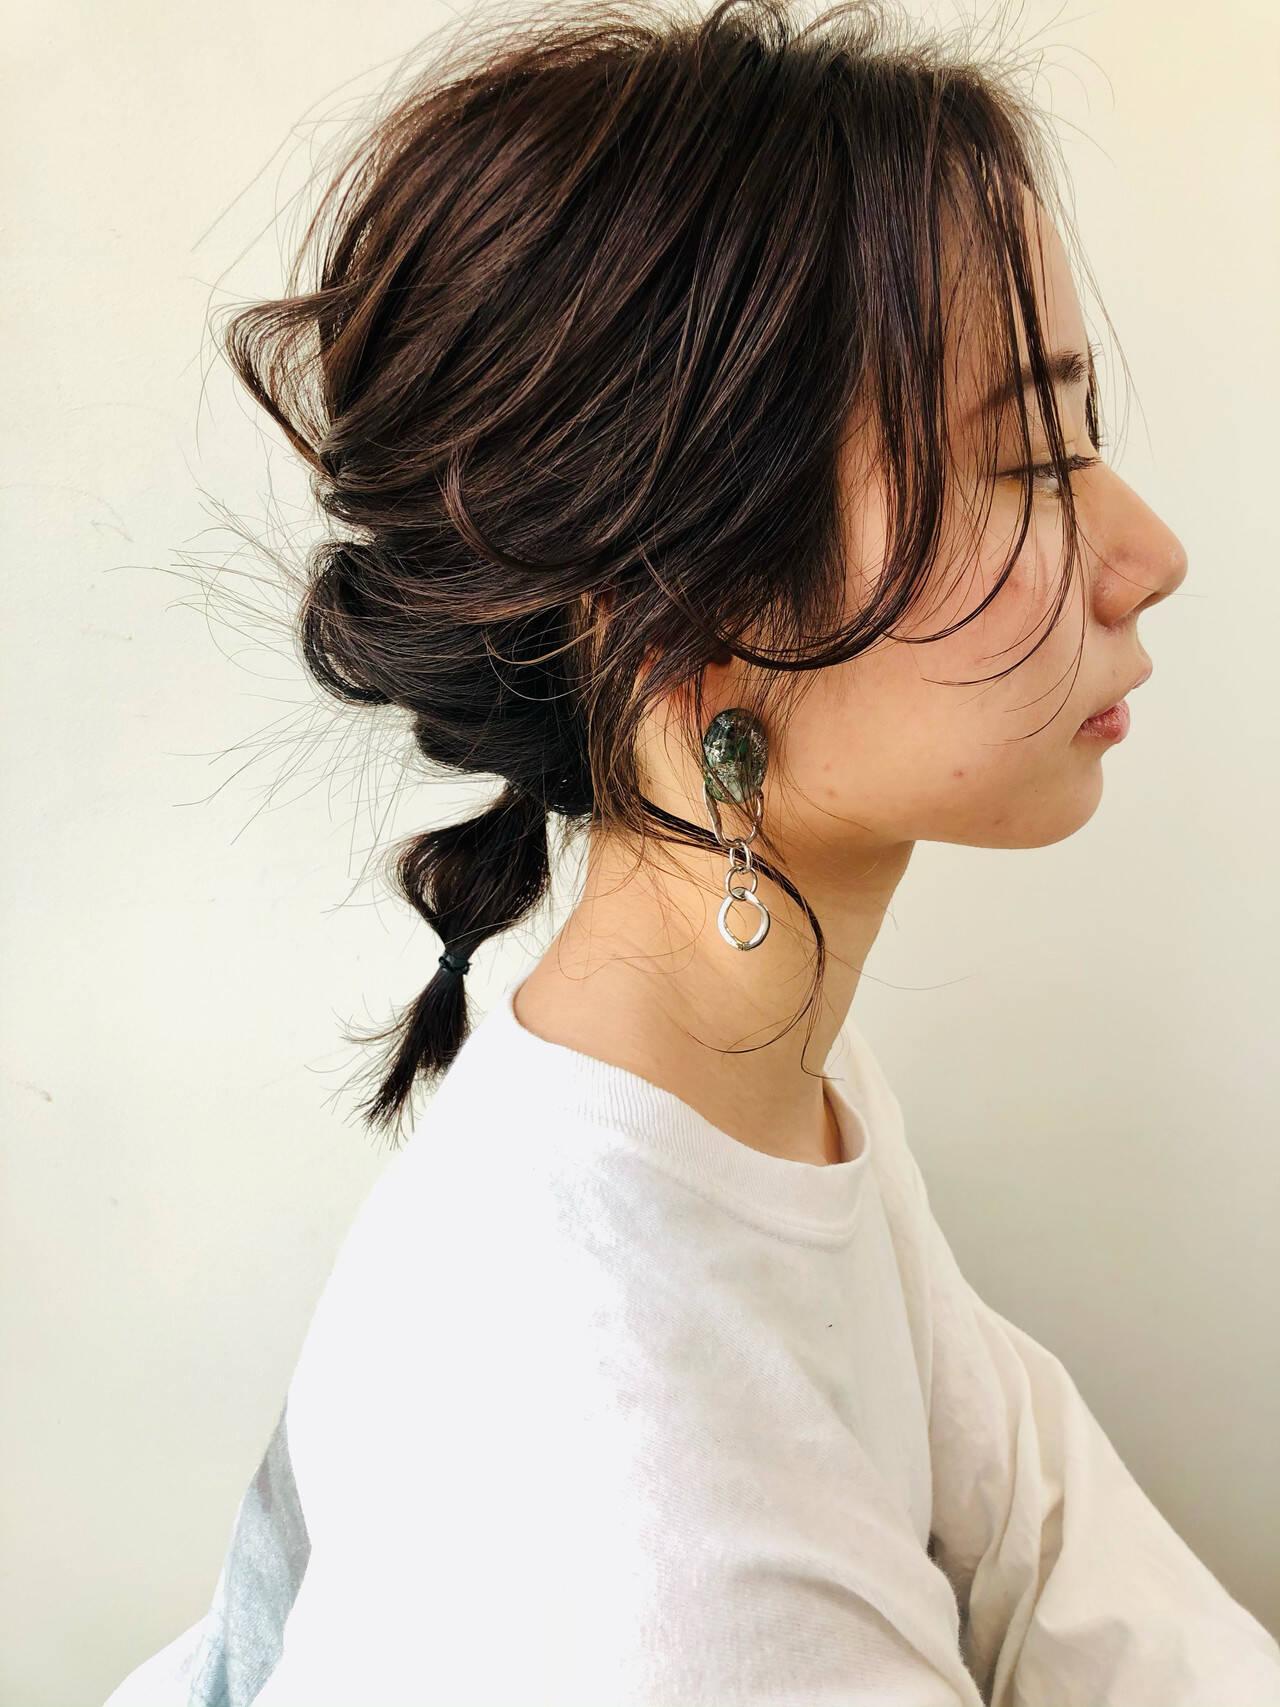 ミディアム ナチュラル N.オイル ヘアアレンジヘアスタイルや髪型の写真・画像